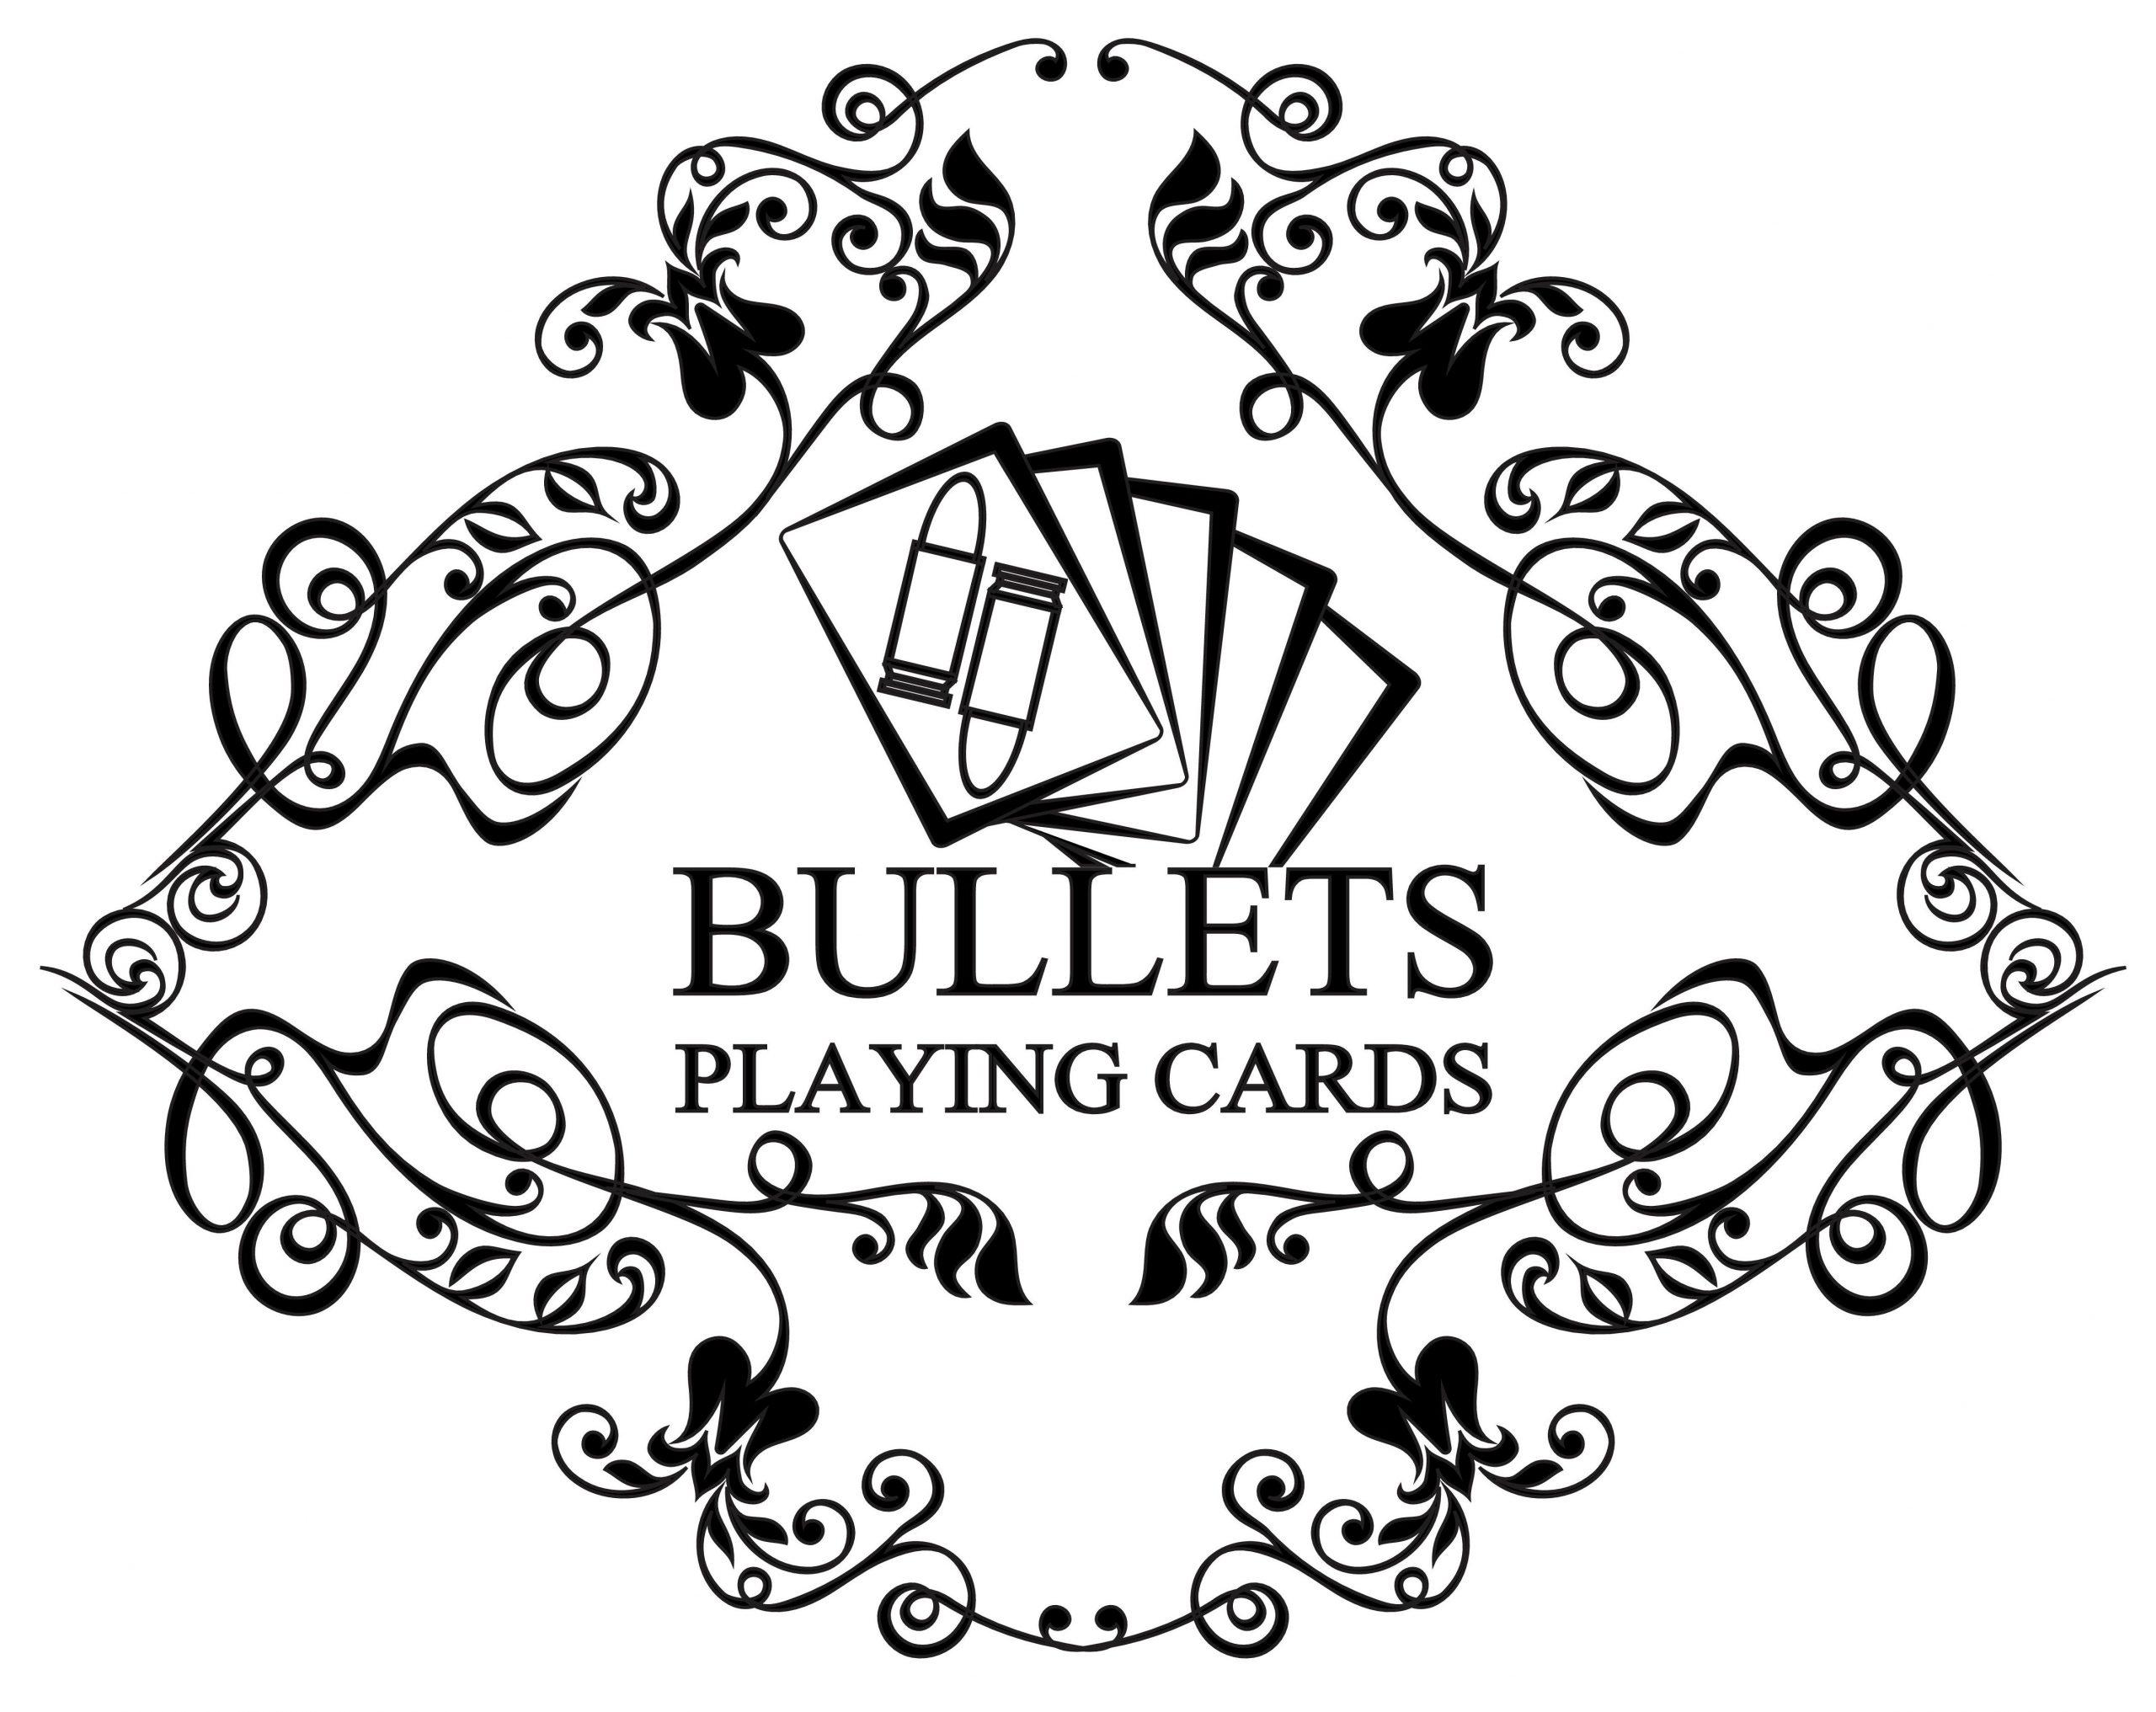 Bullets-Cards-logo-pvb